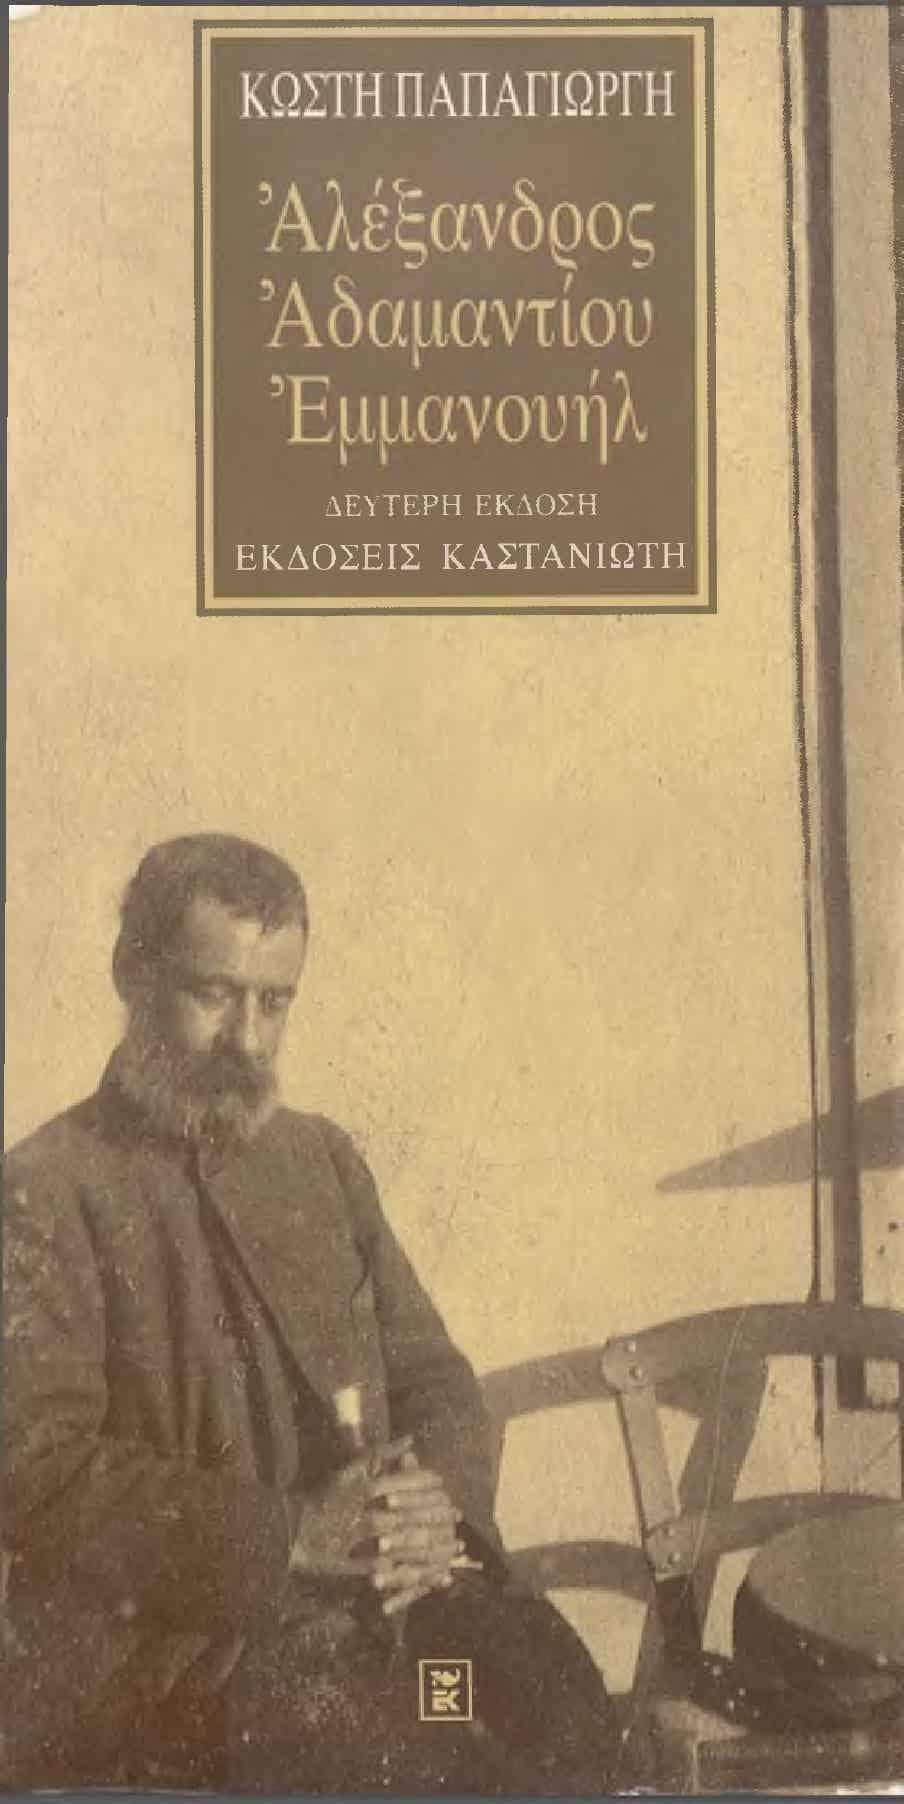 Κωστής Παπαγιώργης. Αλέξανδρος Αδαμαντίου Εμμανουήλ. Εκδ. Καστανιώτη.